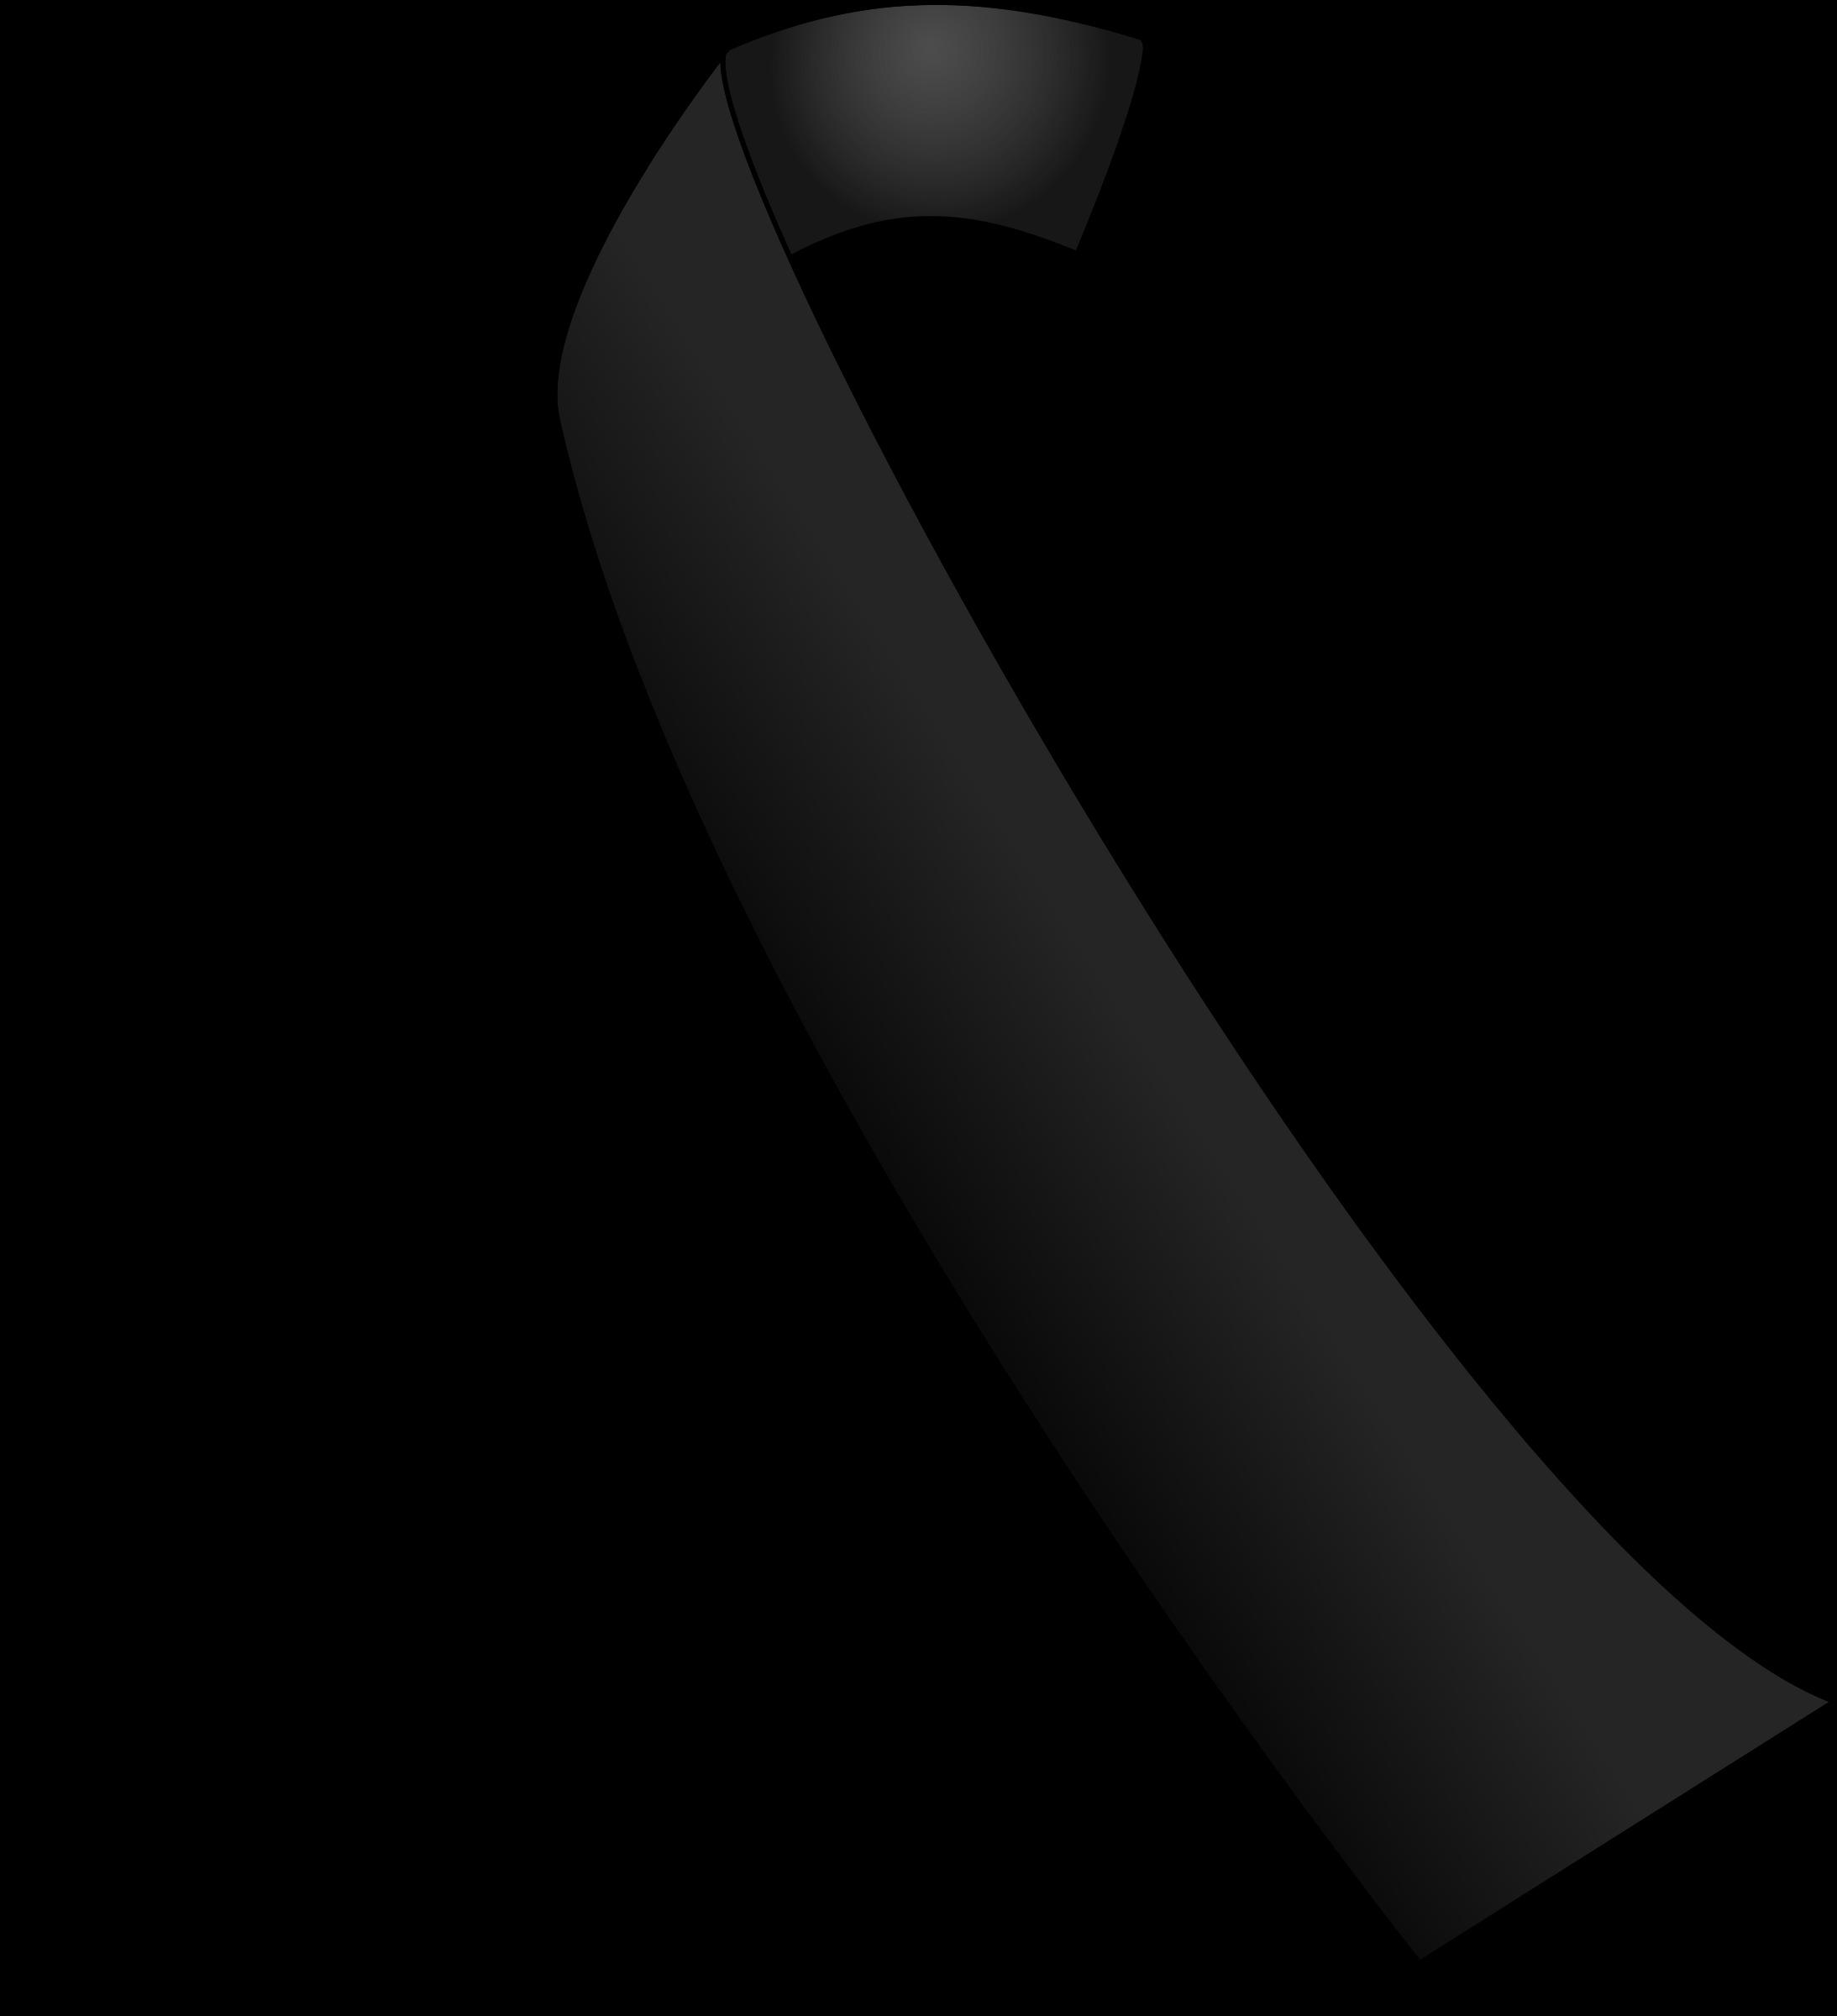 blackribbon-a2f709421a56a1003085cc8660611760.jpg